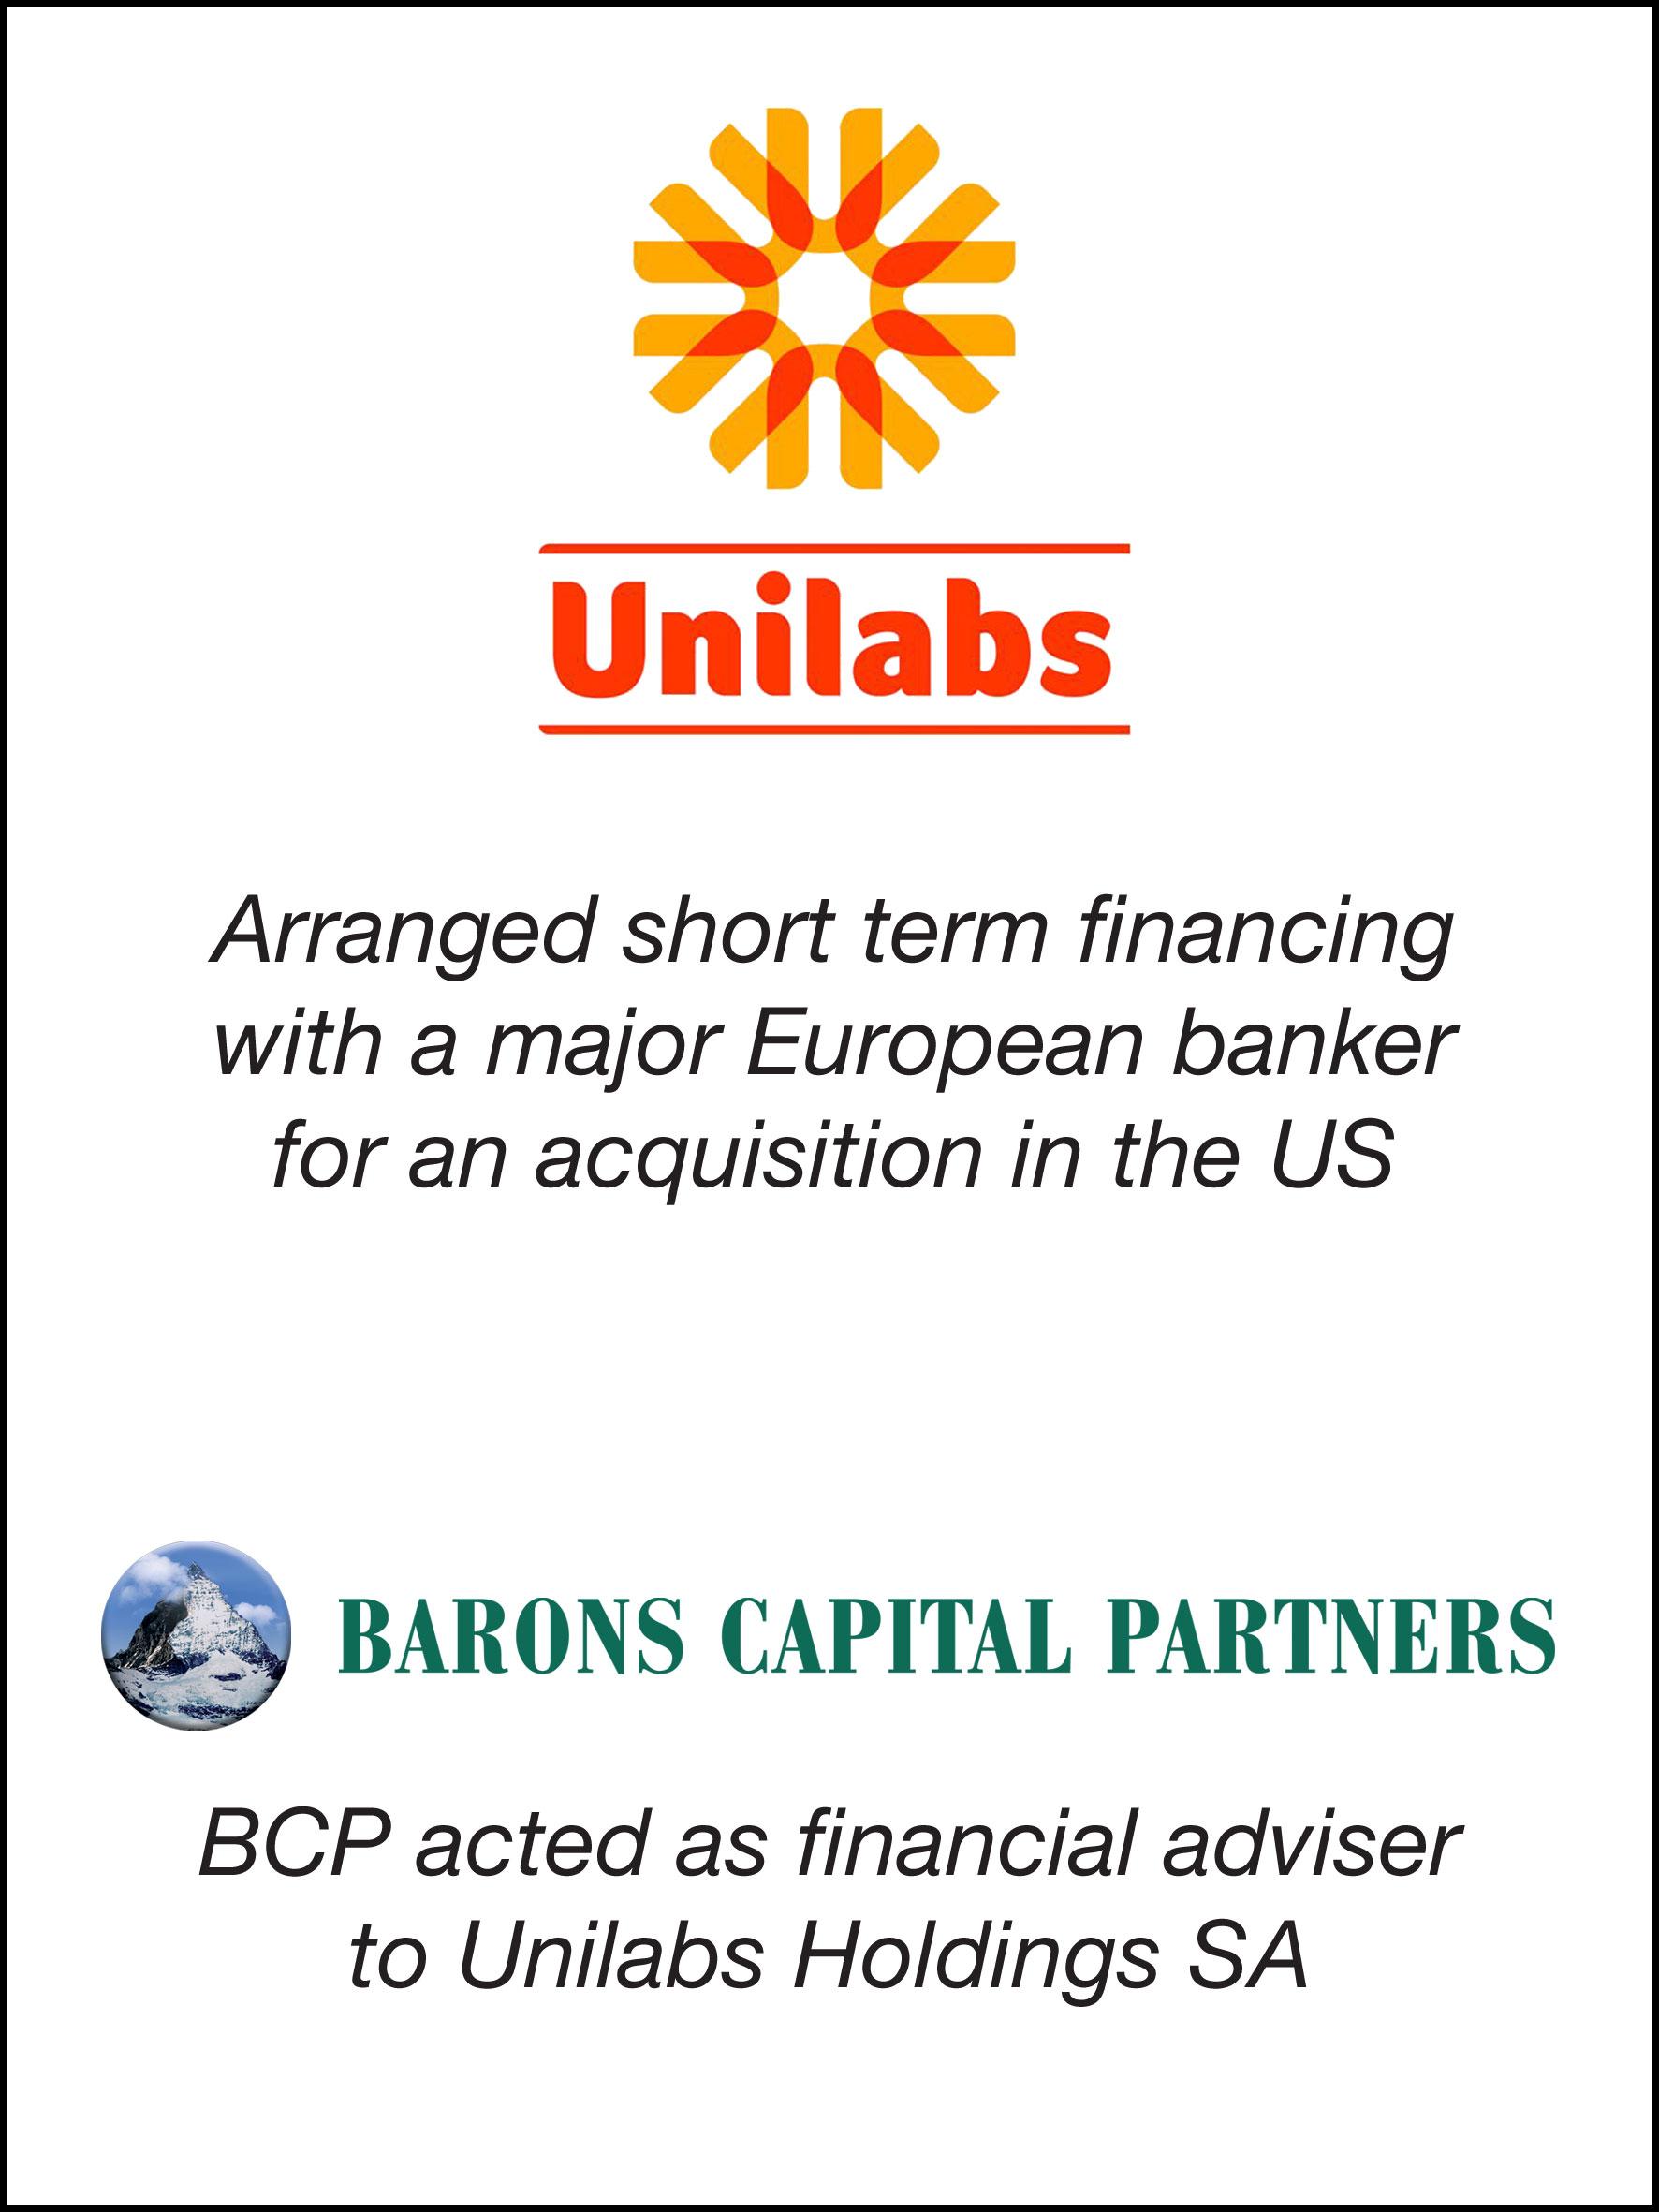 31_Unilabs Holdings SA